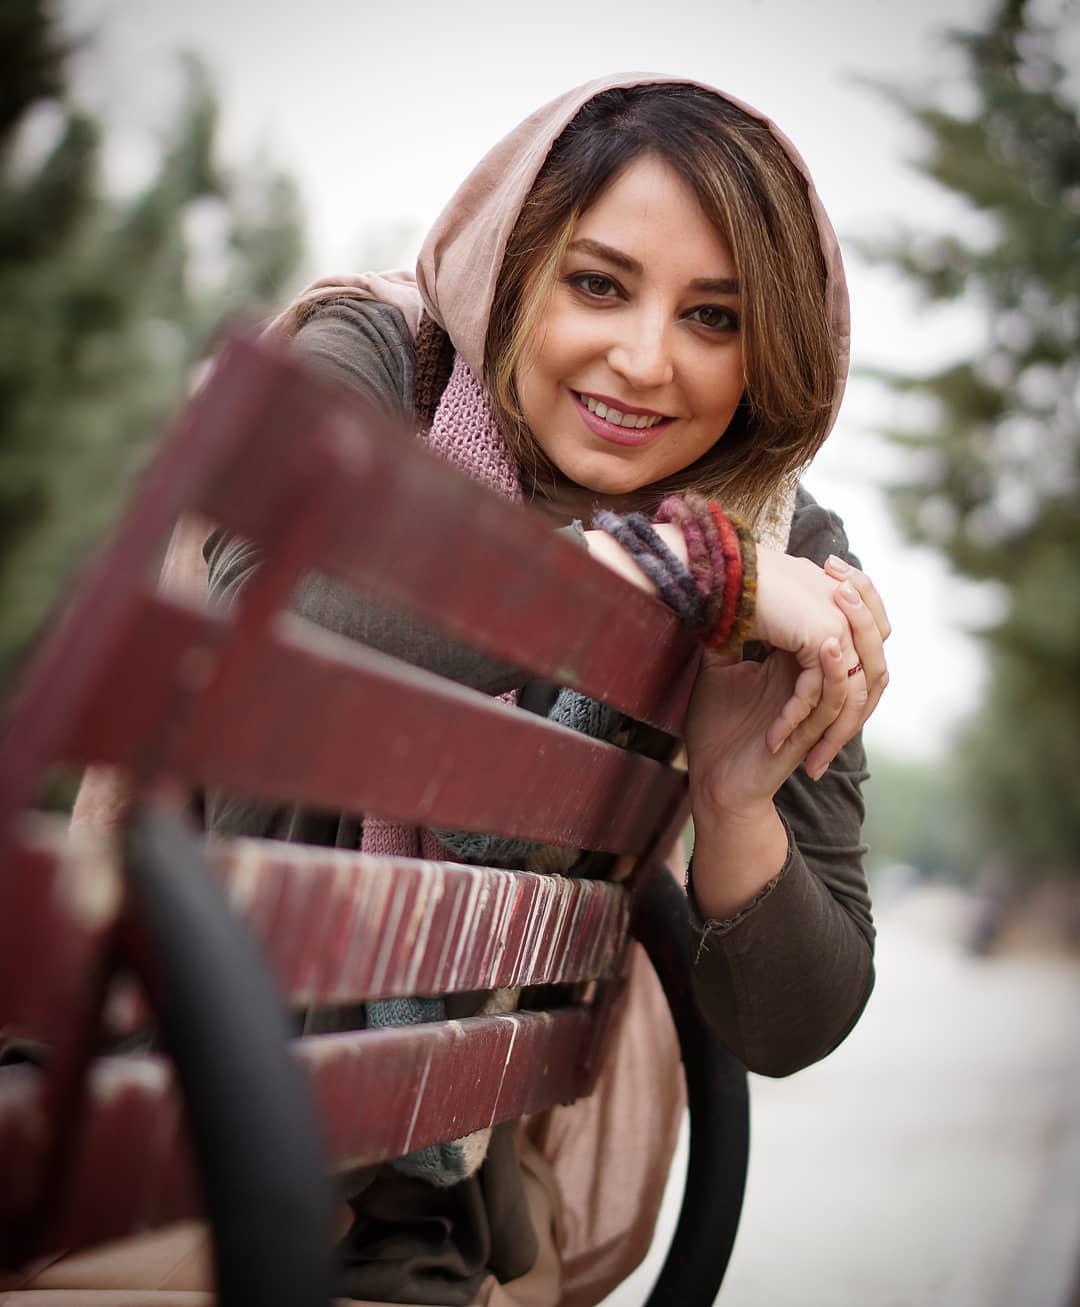 بیوگرافی شیرین صمدی مجری، زندگینامه شیرین صمدی و همسرش، عکس های شیرین صمدی